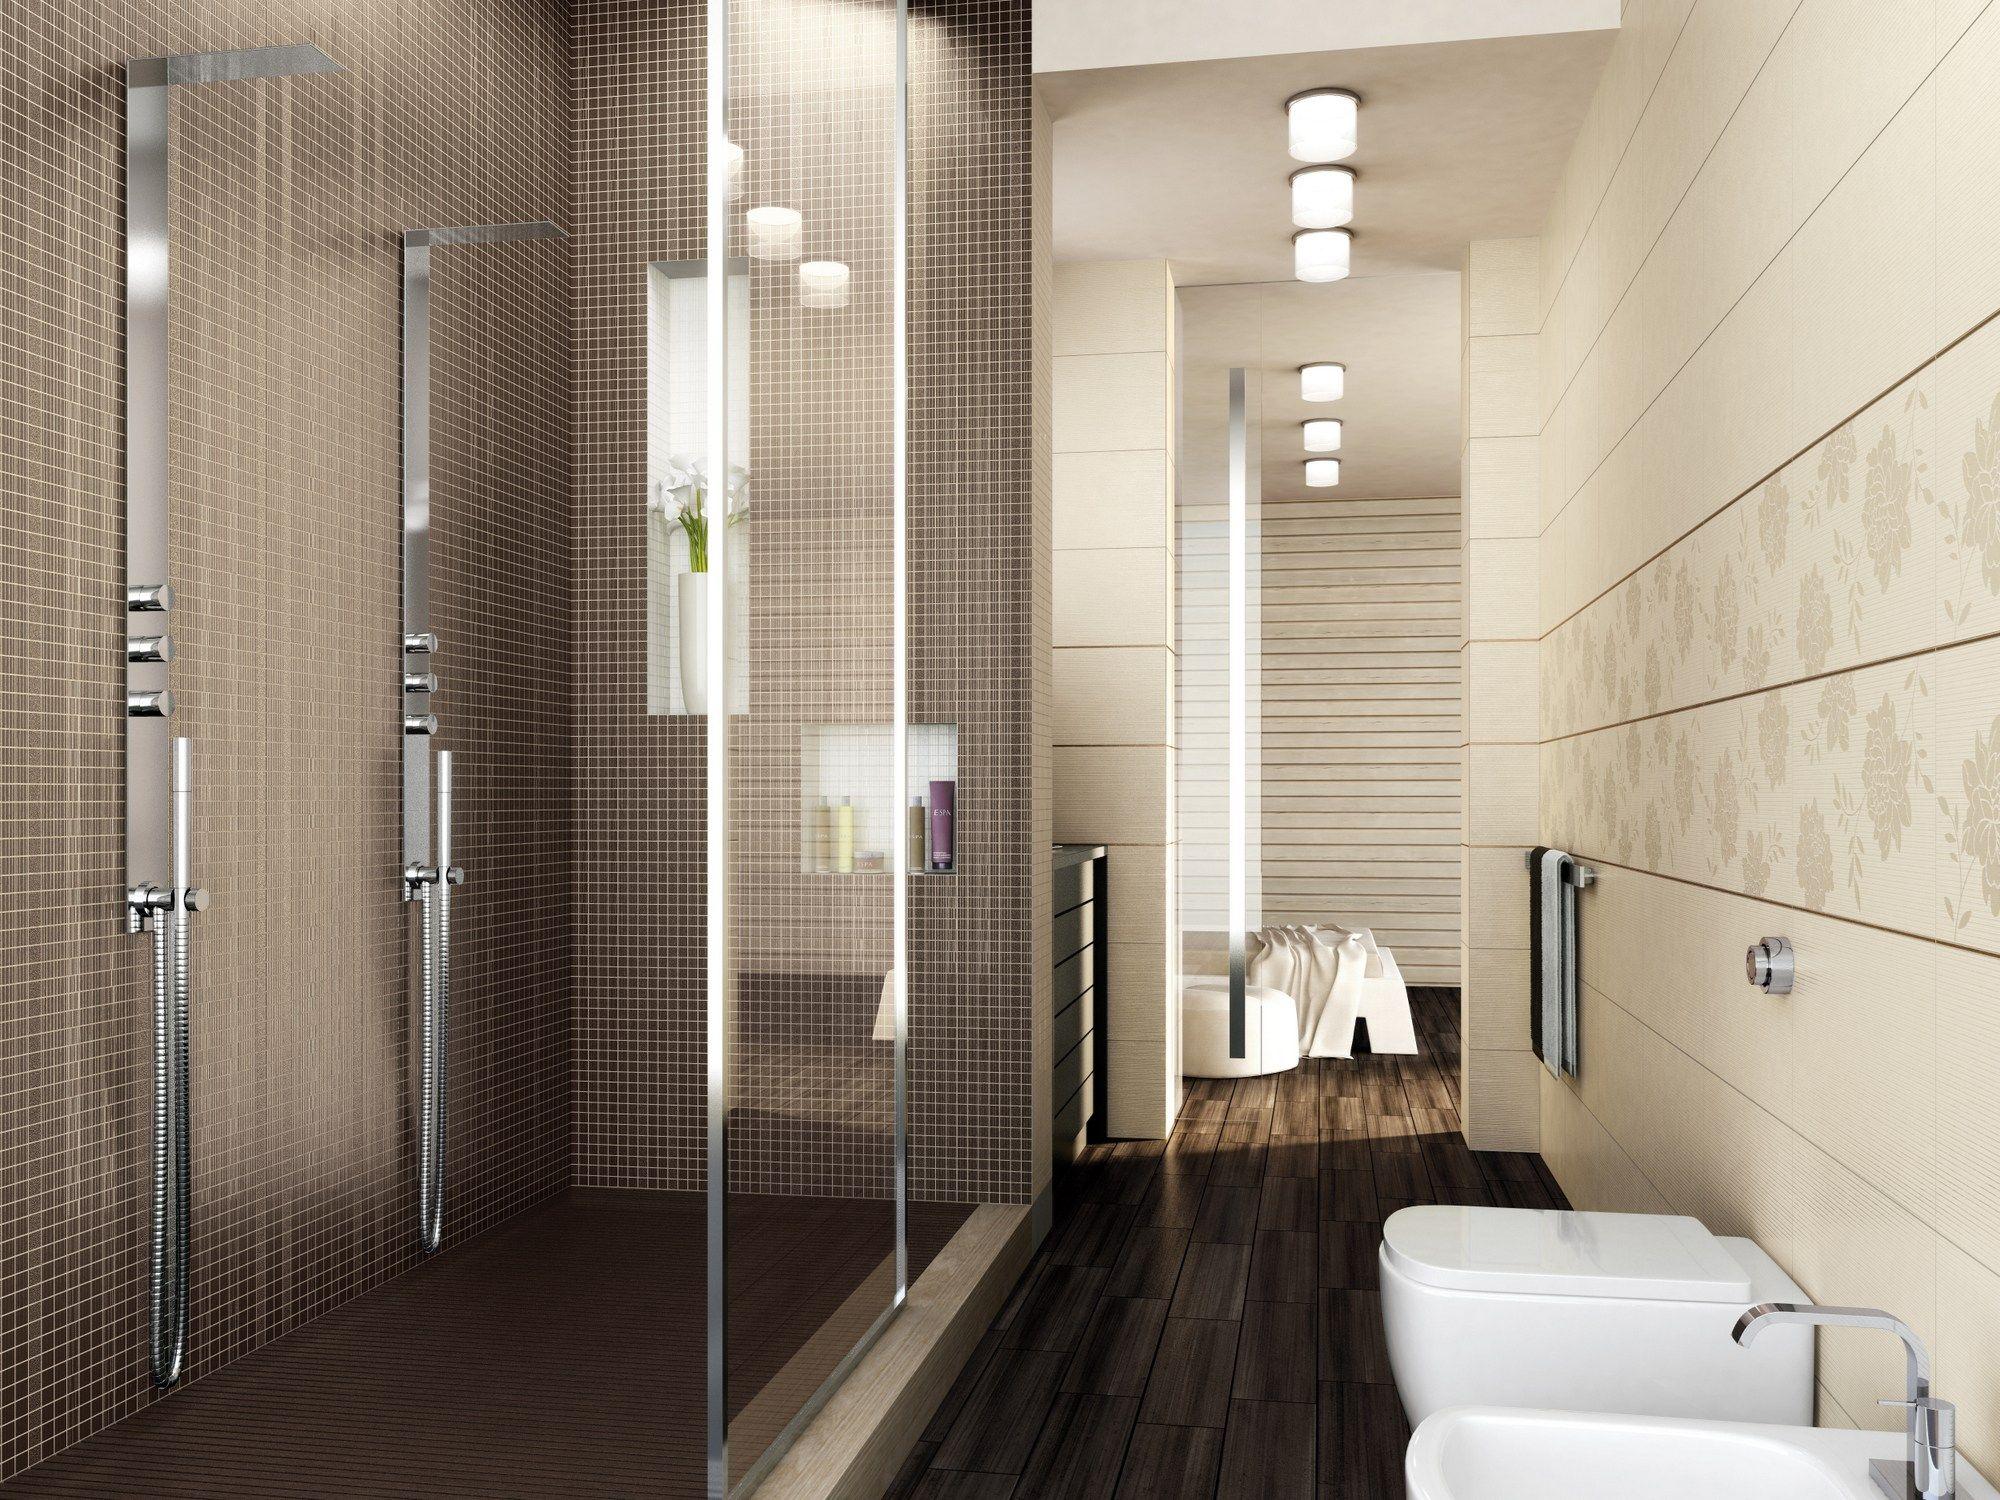 LUXURY | Wall tiles Luxury Collection By Marca Corona